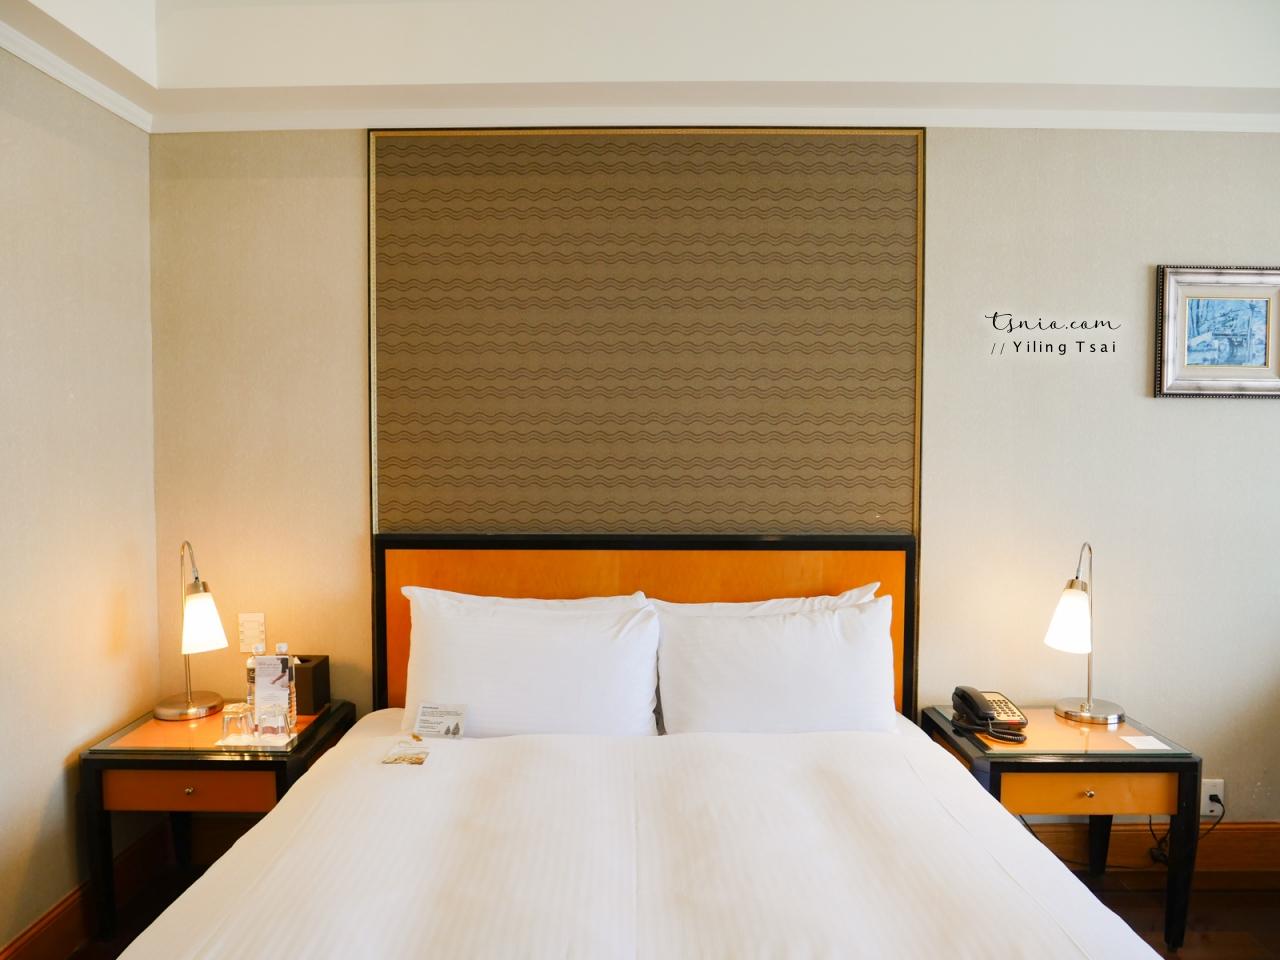 高雄飯店推薦 The Lees Hotel 麗尊酒店 老品牌氣派華麗裝潢五星飯店